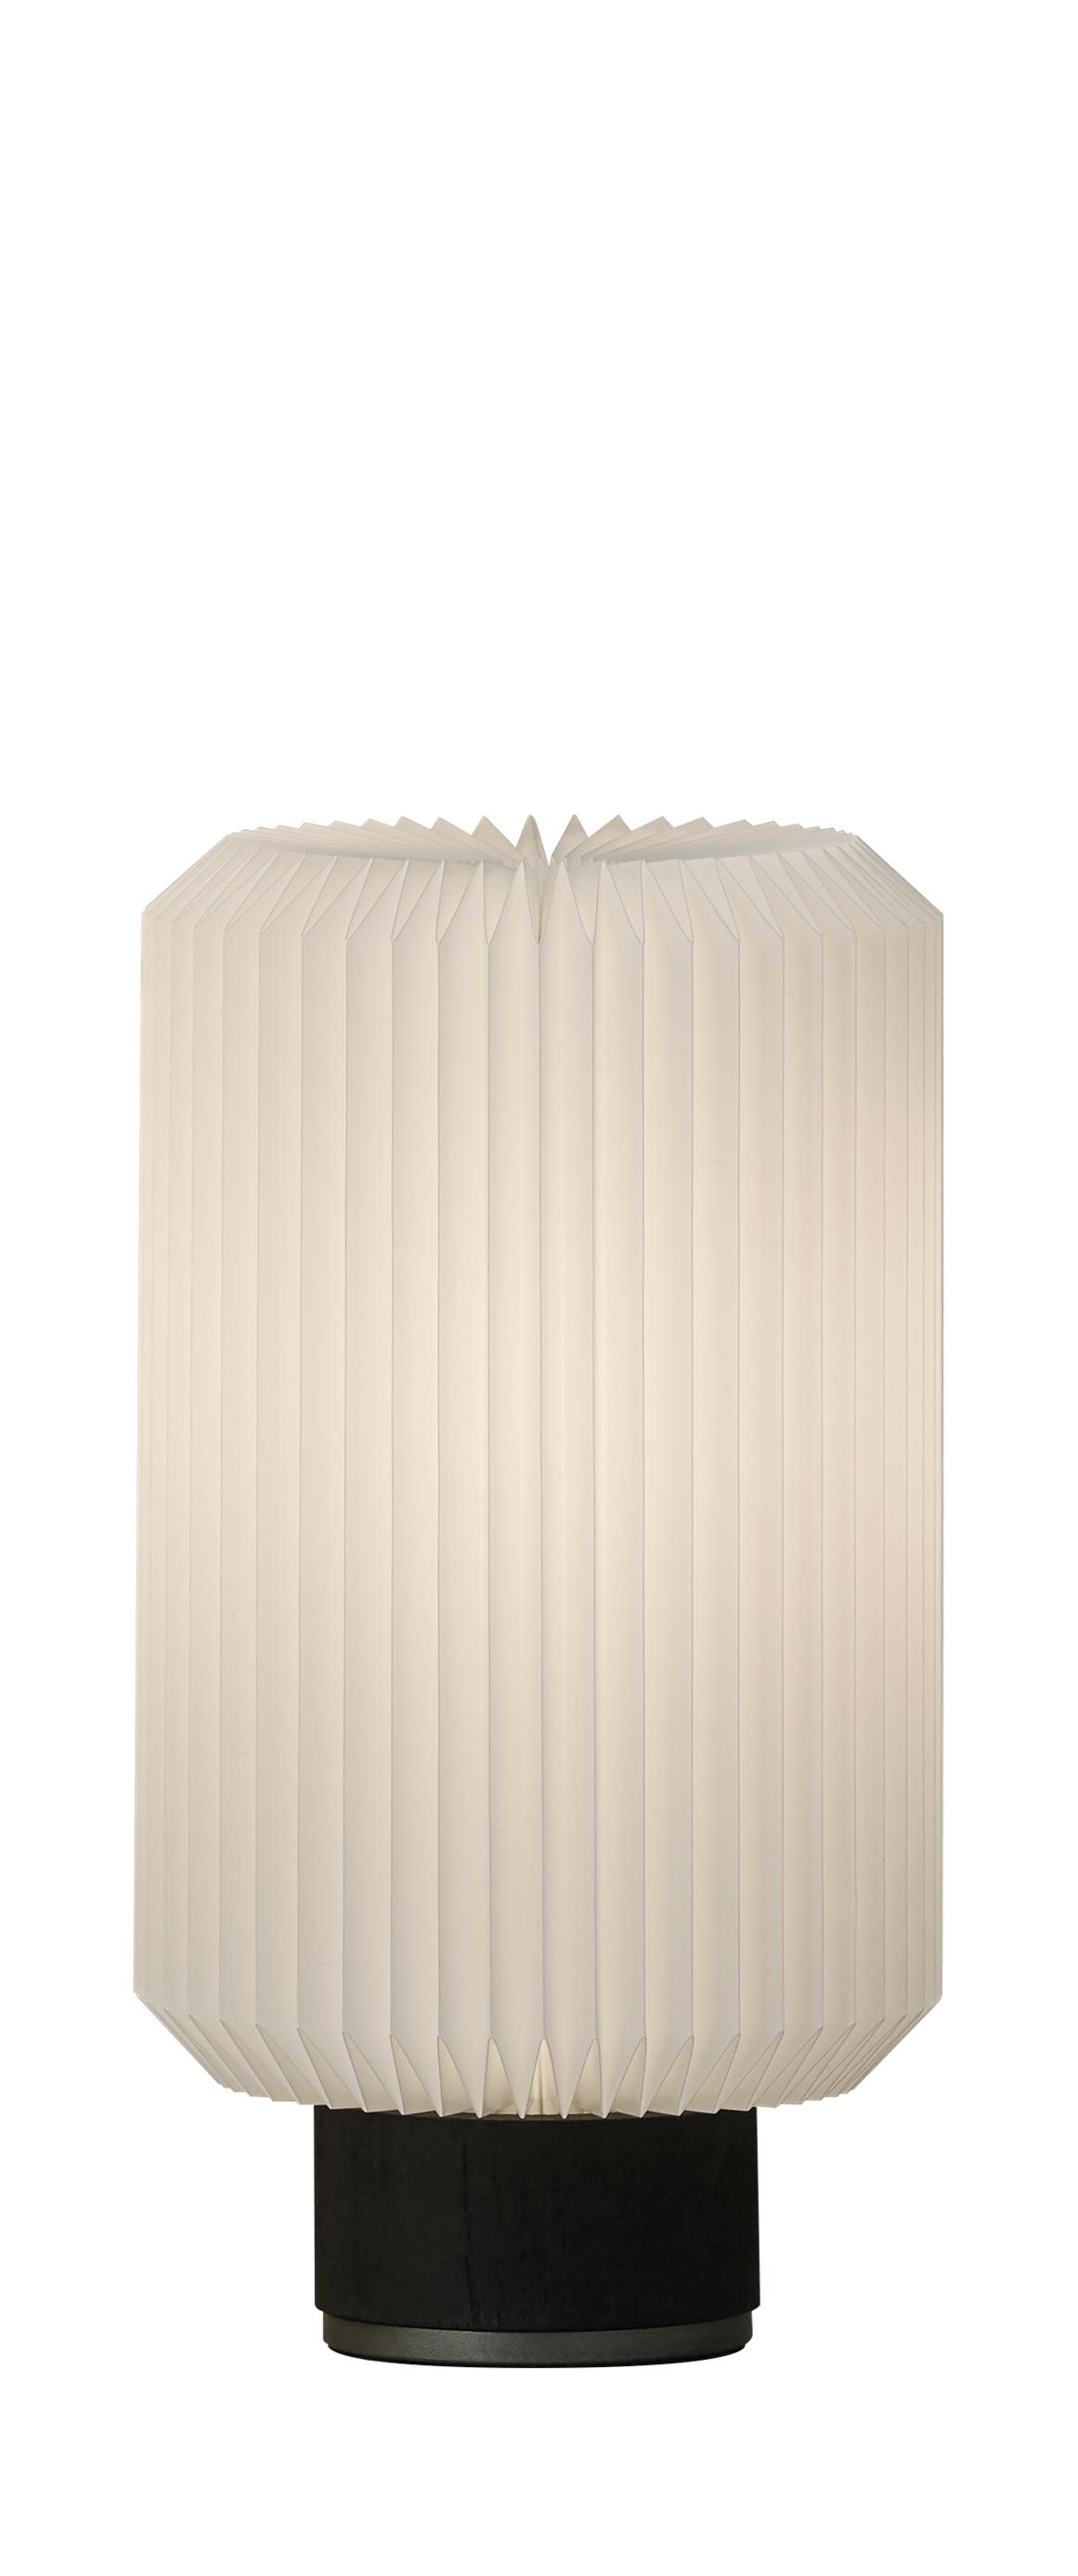 le klint – Cylinder small bordlampe hvid - le klint fra luxlight.dk